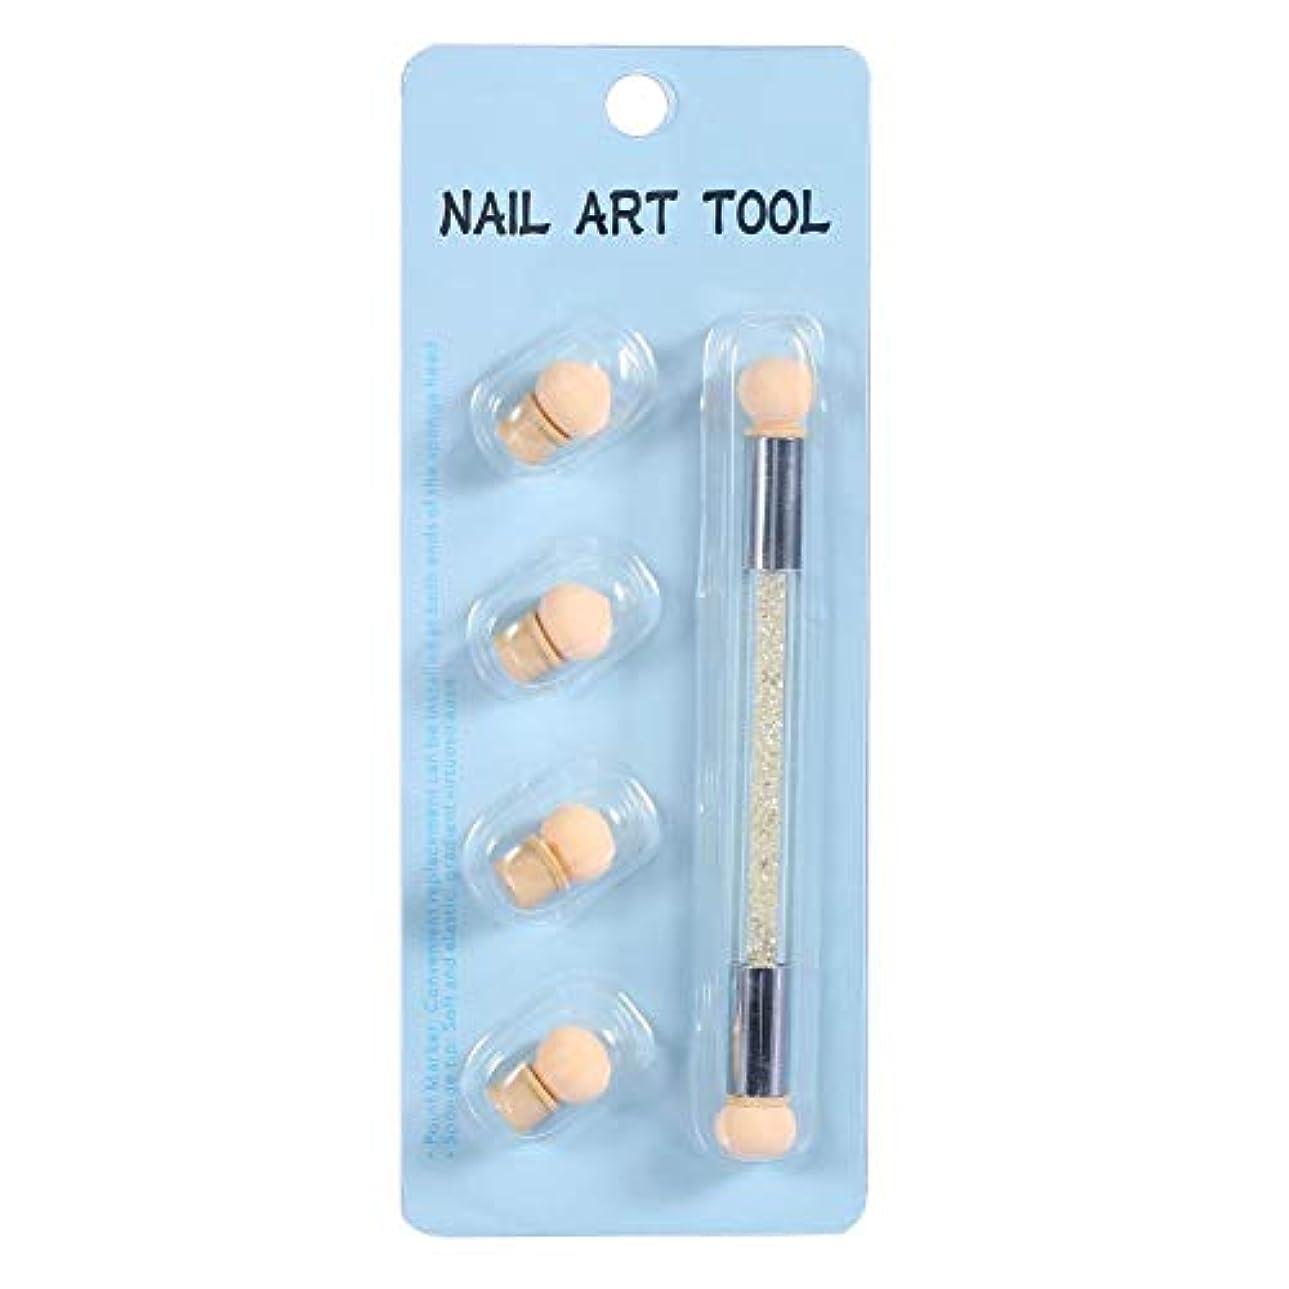 不運ソビエト側溝ネイルアート 4個 交換用 スポンジヘッド ネイルアートスポンジブラシ ネイル筆 ドットペン